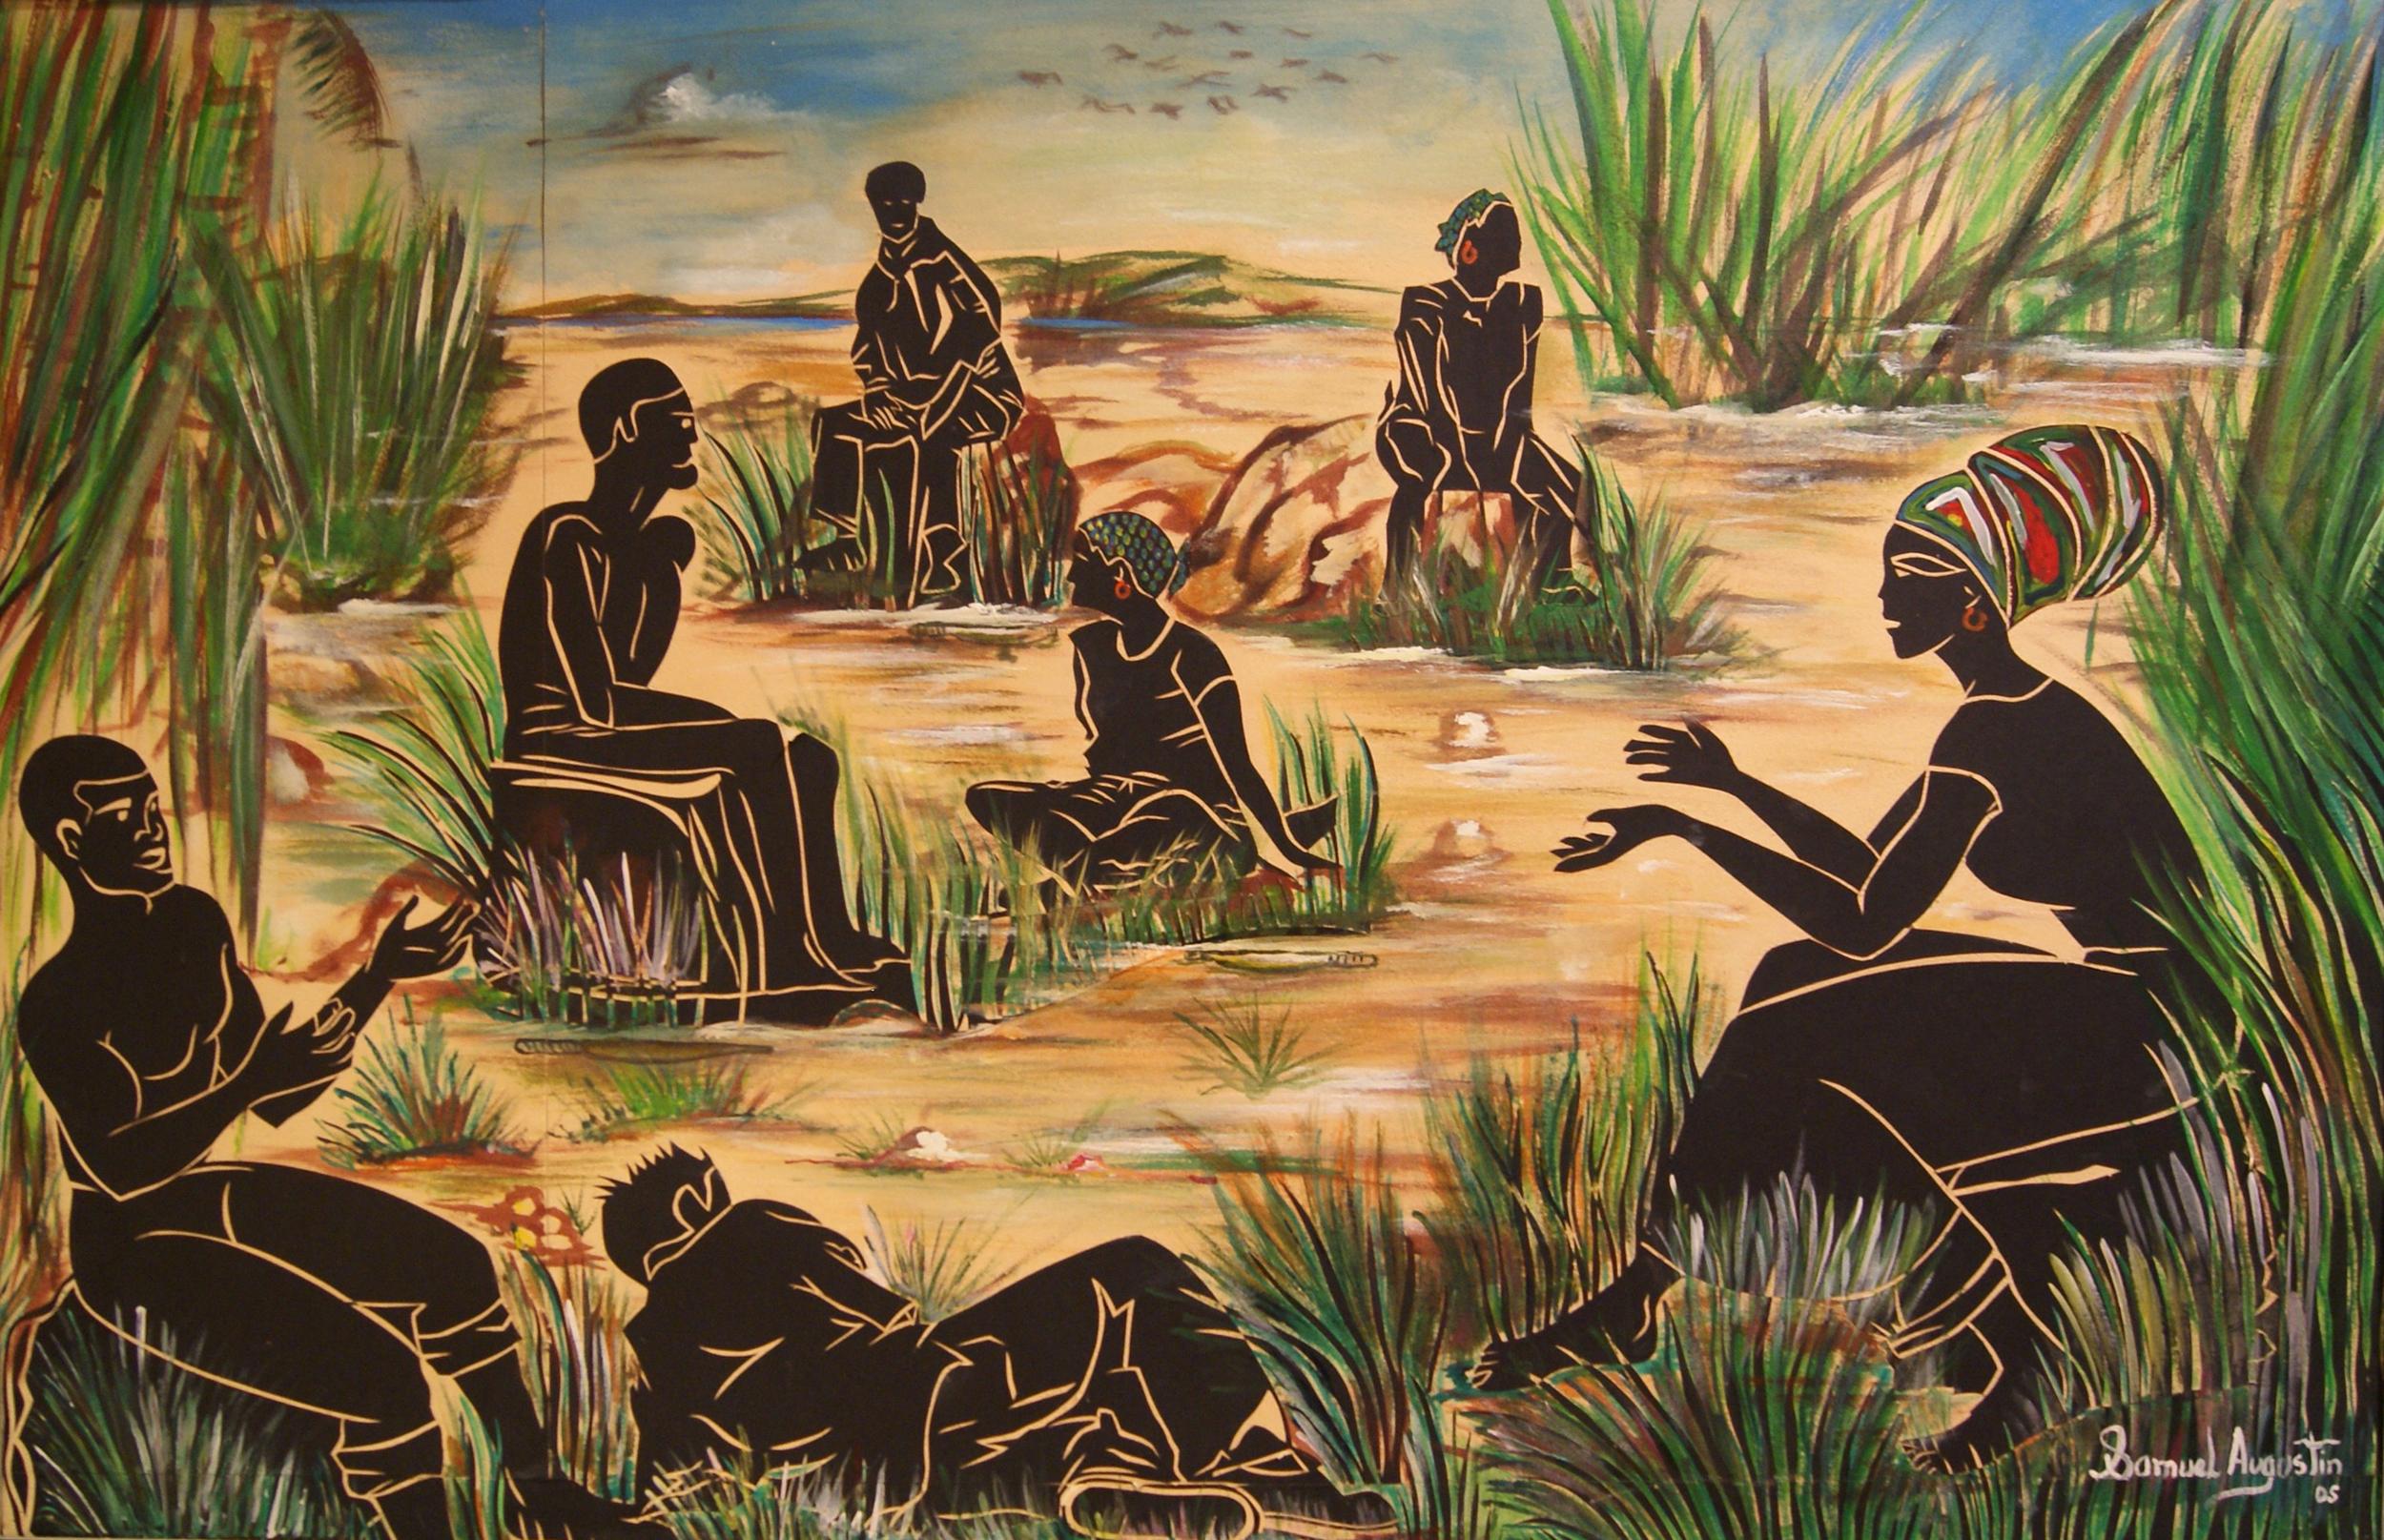 11 - Conversation by Samuel Augustin